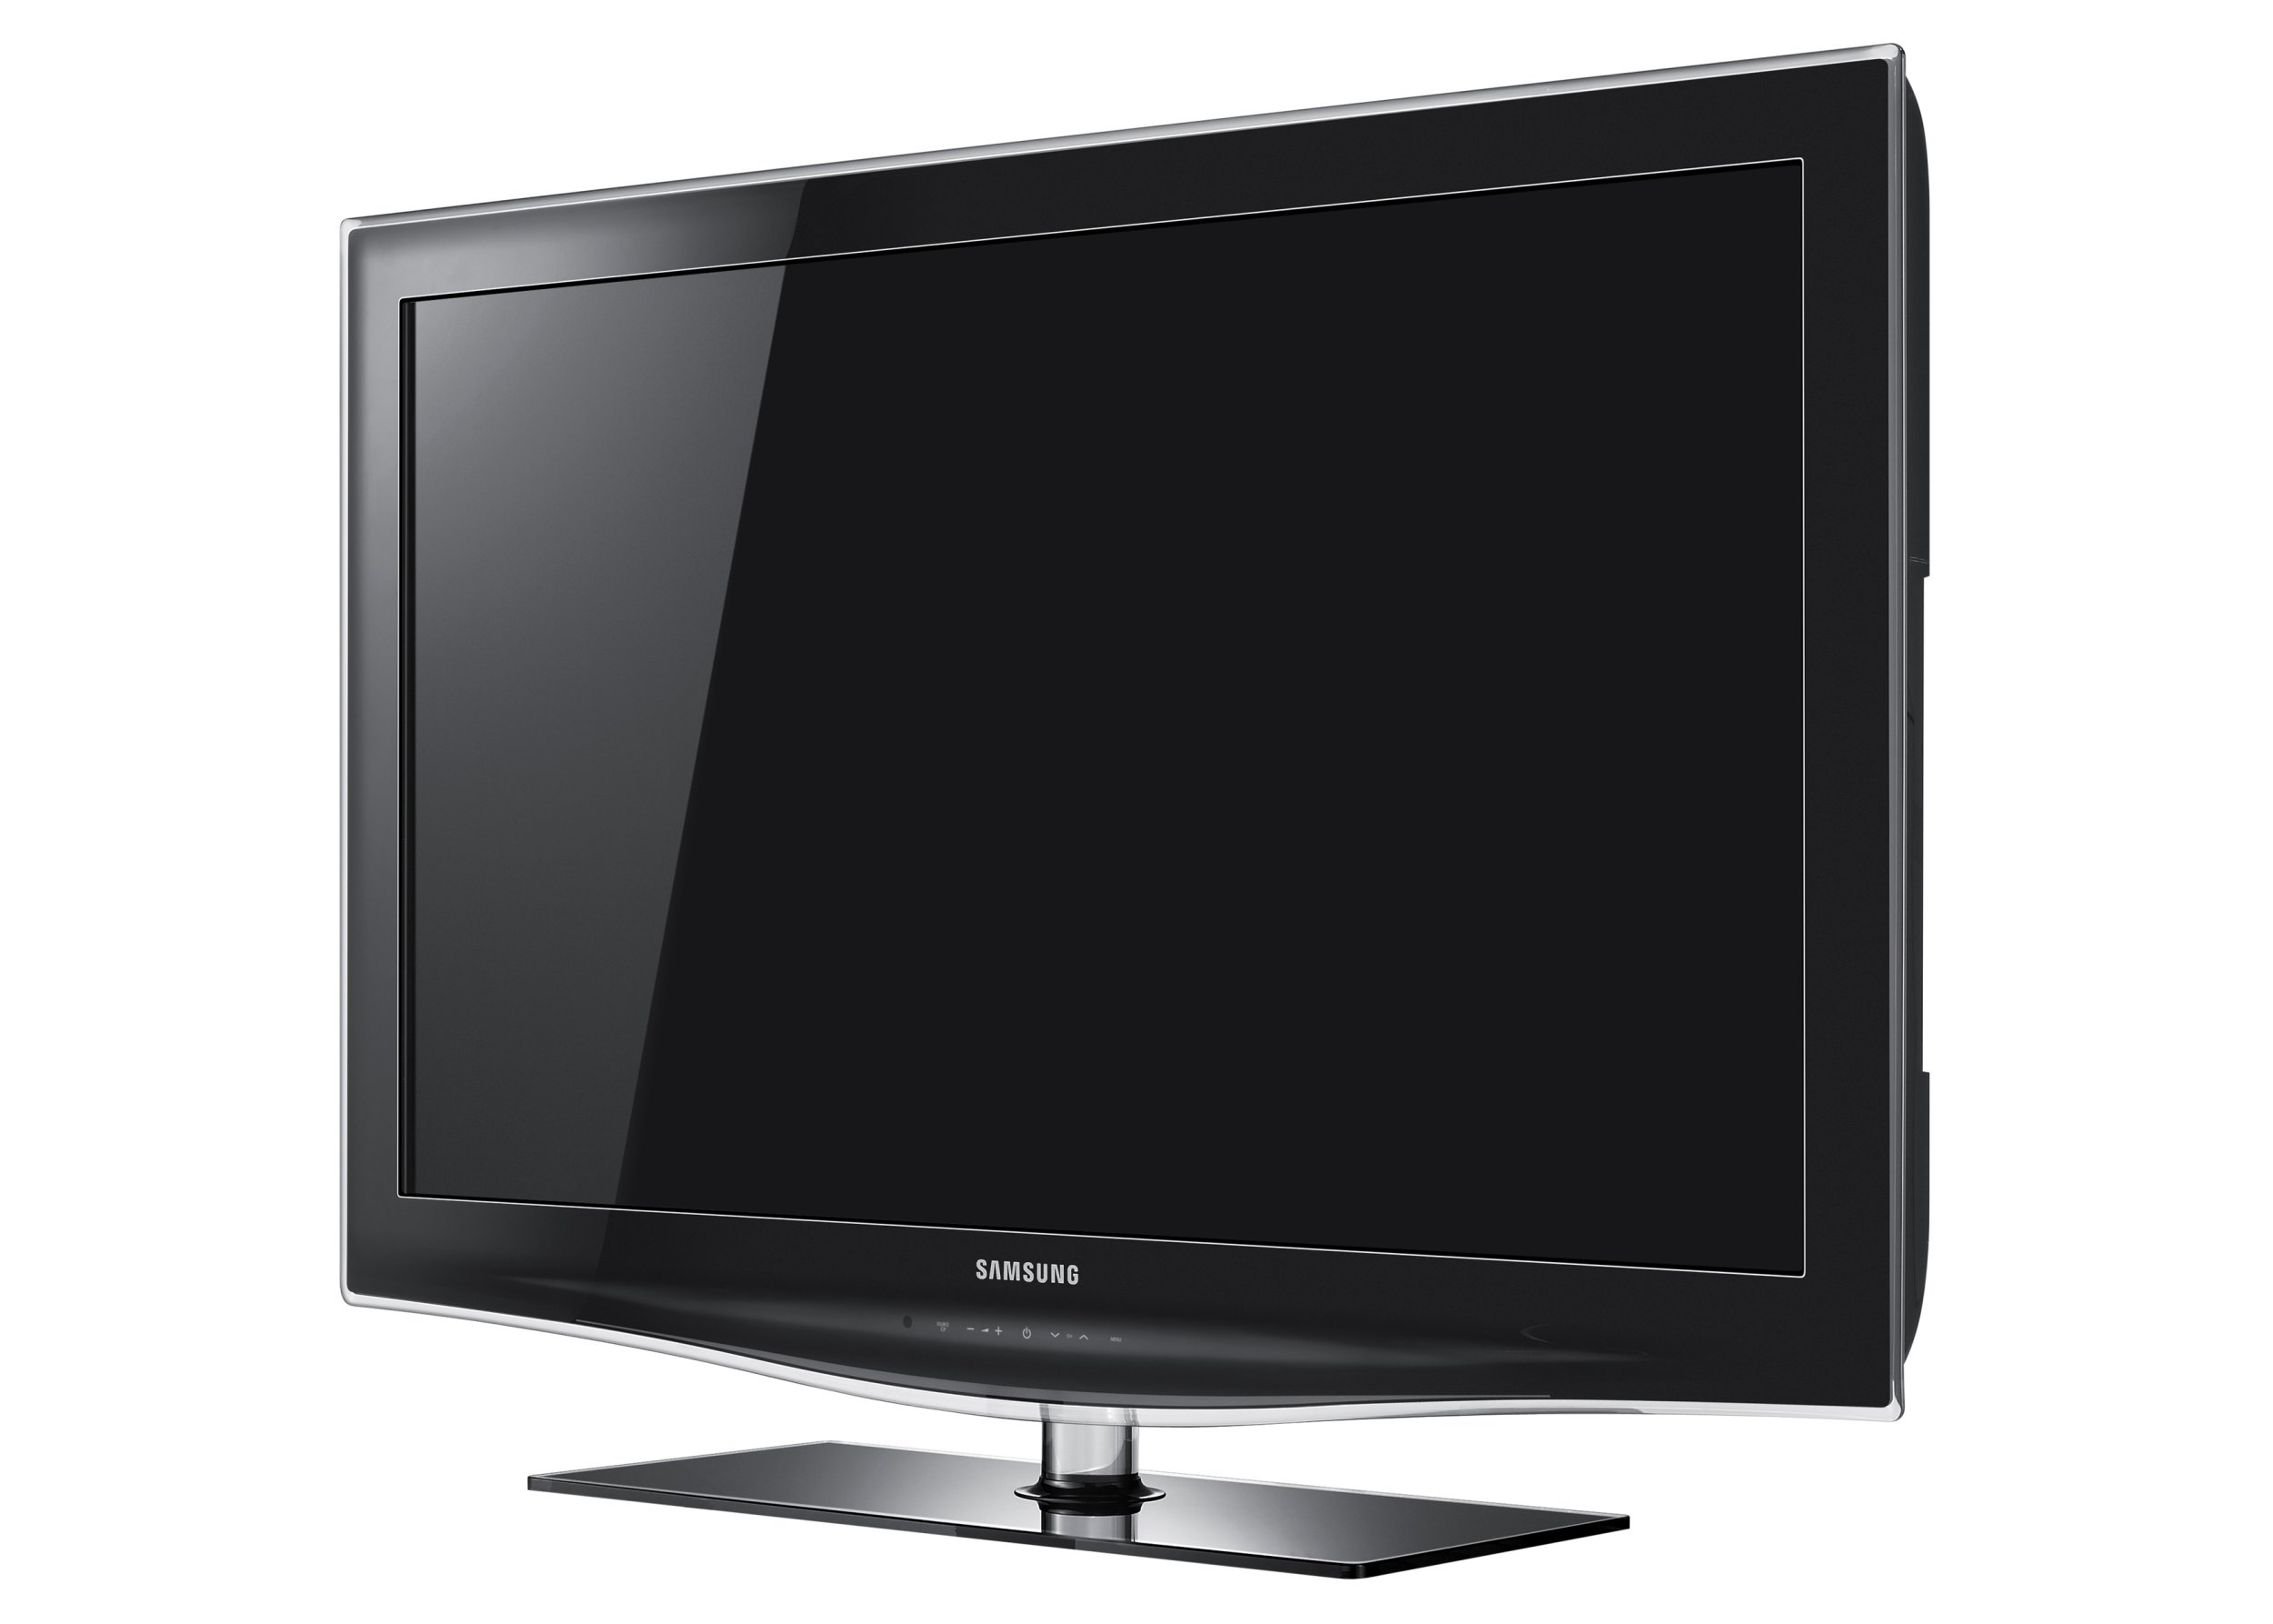 Samsung PS 50 B 650- Televisión Full HD, Pantalla Plasma 50 pulgadas: Amazon.es: Electrónica